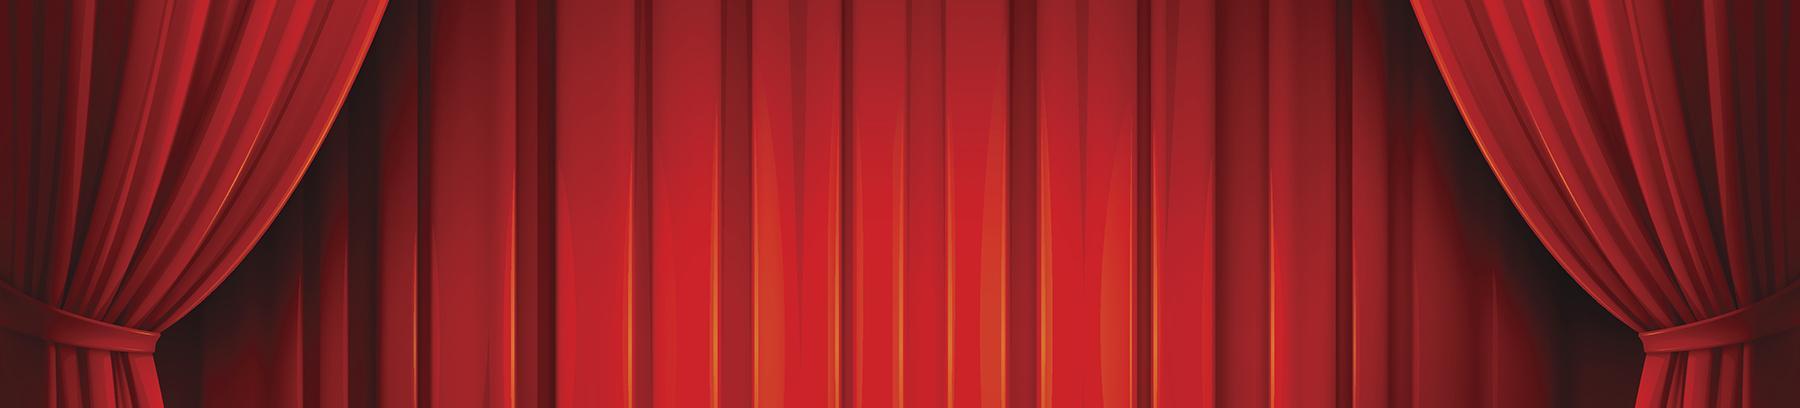 theatre curtain image